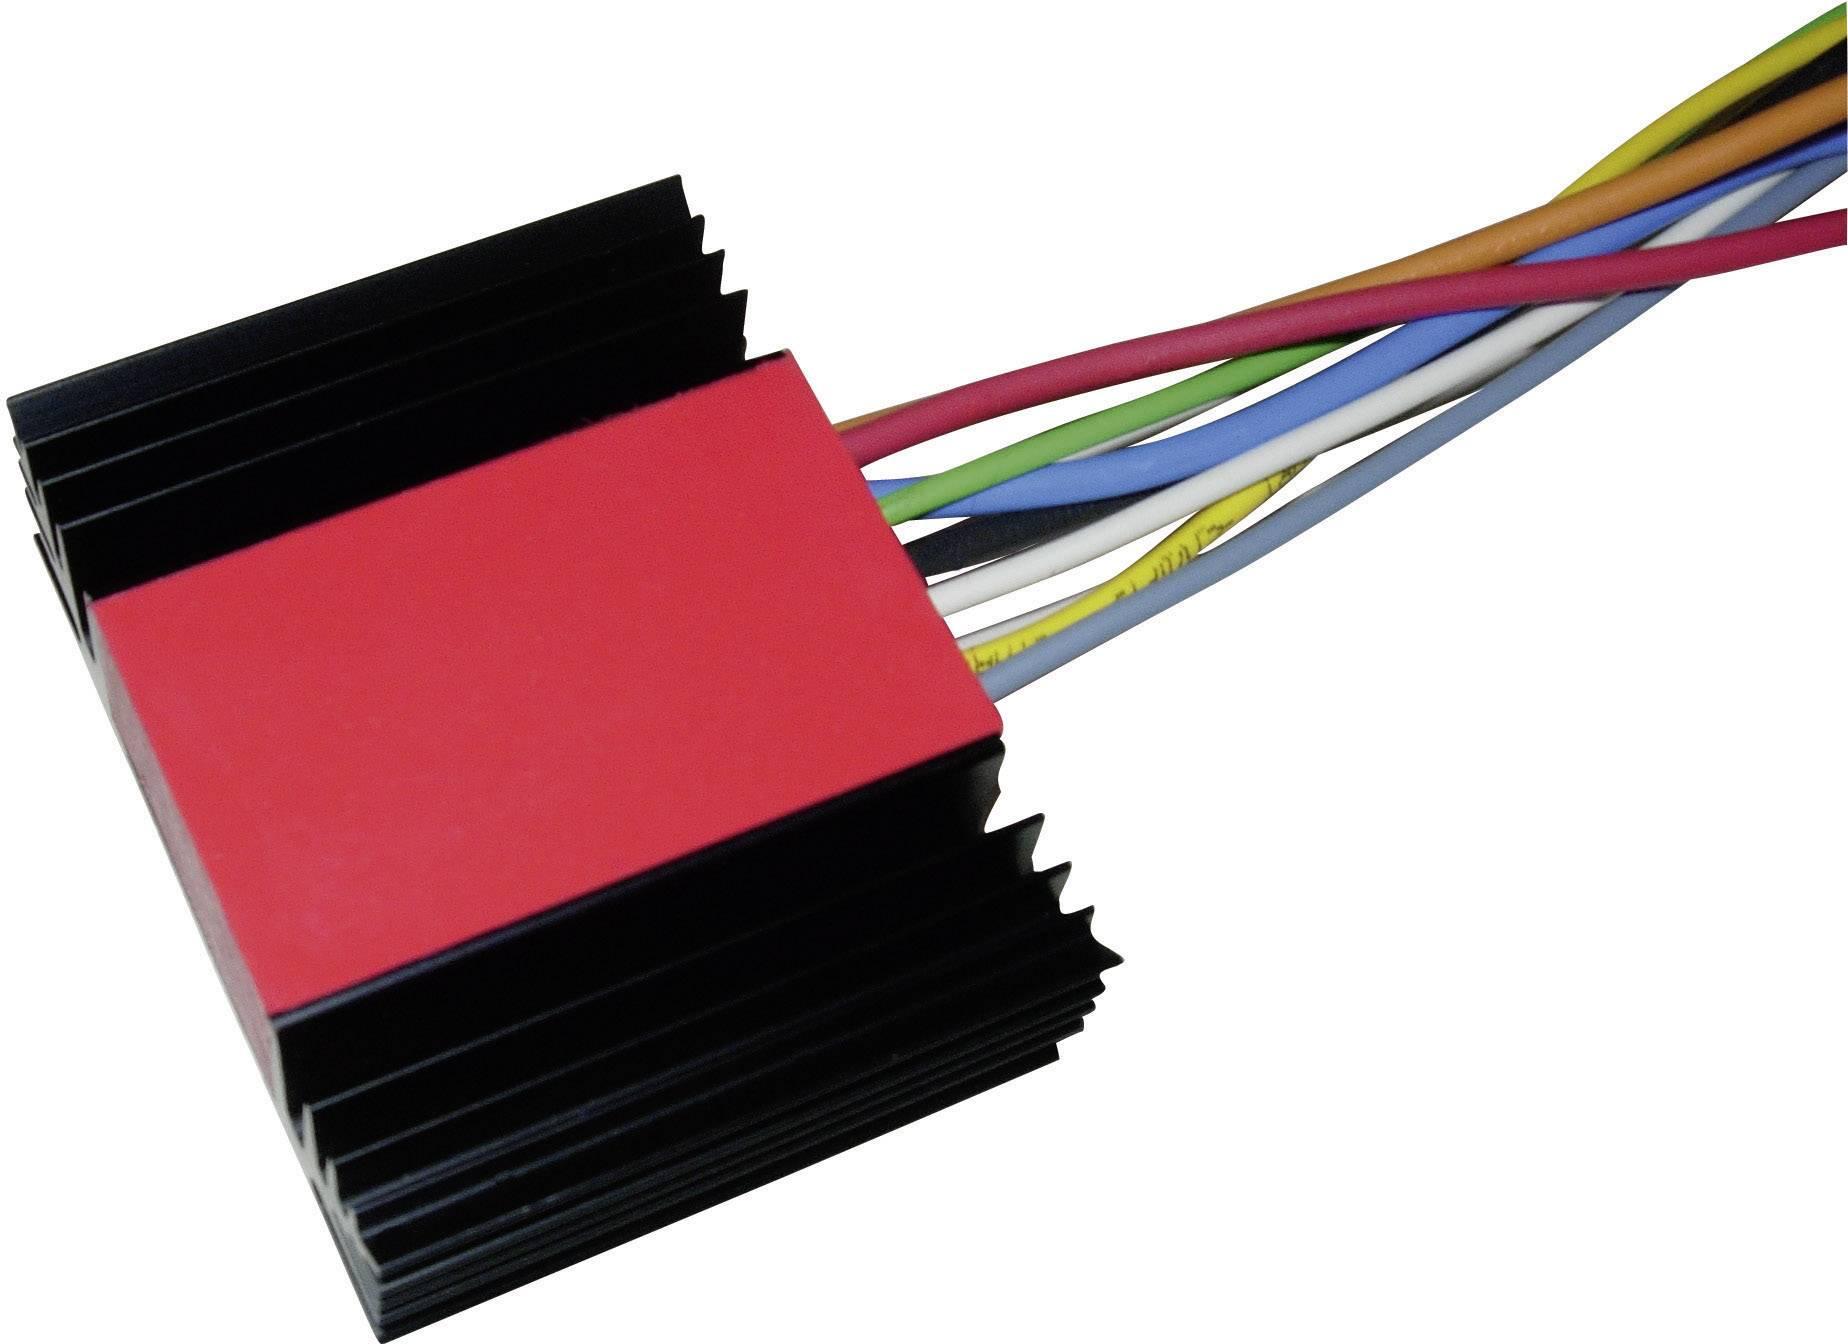 Peltierov ovládač QuickCool QC-PC-C01H, 12 V, 10 A